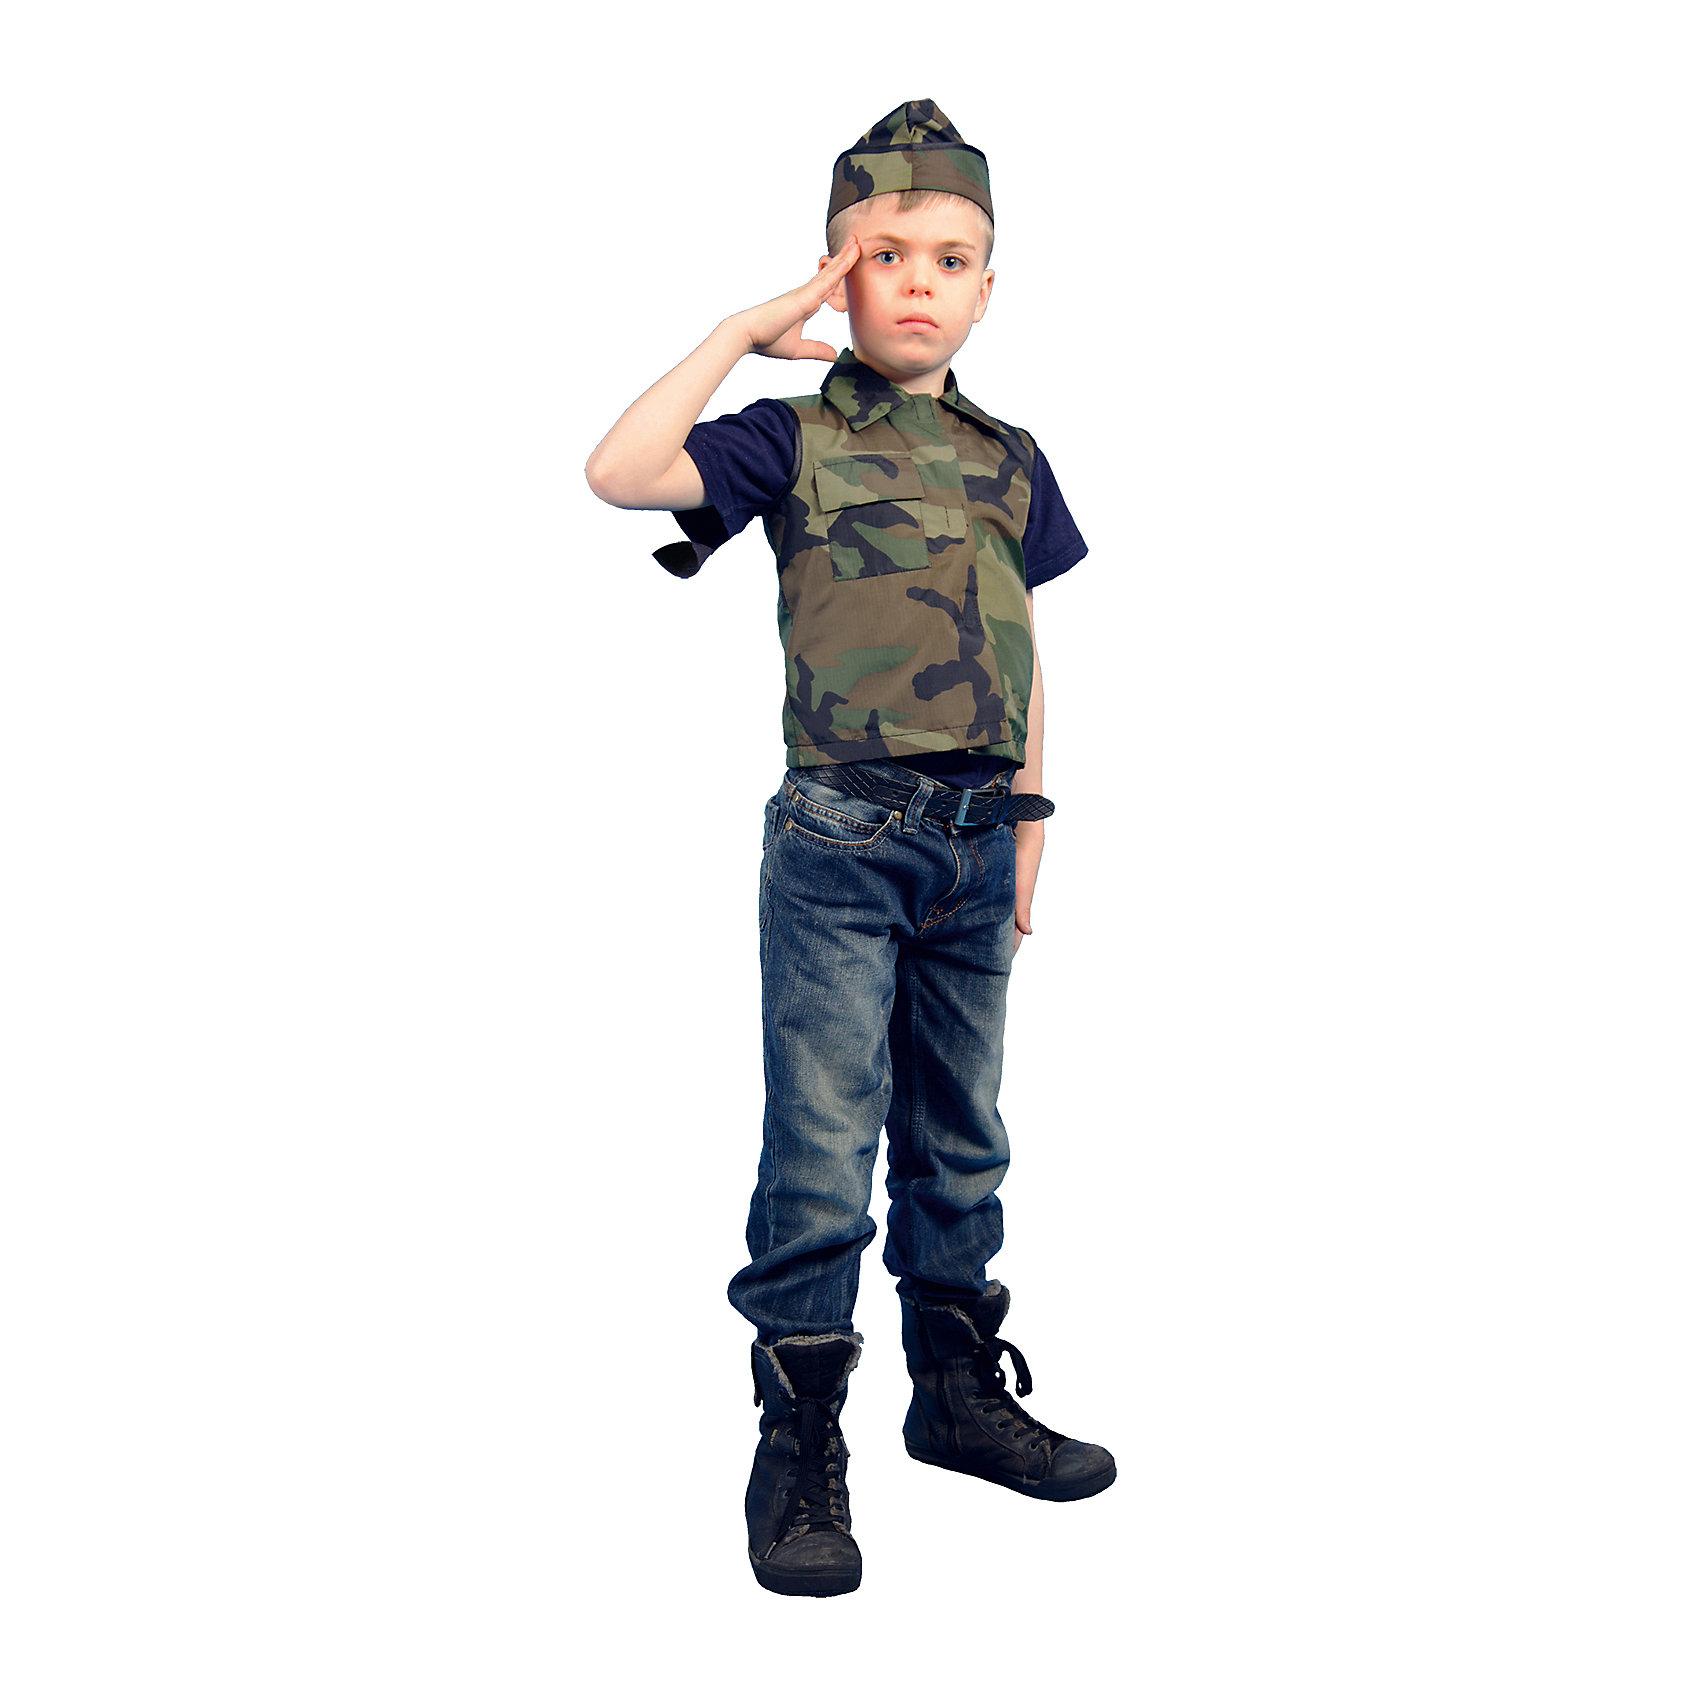 Карнавальный костюм Солдат, ВестификаКостюм Военного разработан специально для праздника, посвященного Дню Защитника отечества - 23 февраля. Военный костюм предназначен для утренников в детском саду. Он выполнен из камуфляжной ткани. Жилетка застегивается на груди на липучку, беретка регулируется по ширине шнурком. Широкие брюки, собранные на резинку, не стесняют движения. Костюм Военного понравится мальчикам. Рекомендуем дополнить костюм темными ботинками в цвет изделия и темной футболкой.<br><br>Дополнительная информация:<br><br>Комплектация: Жилет, пилотка<br>Материал: Саржа (100% хлопок)<br>Рекомендуется для детей старше 3-х лет для кратковременного ношения. <br>Срок службы 5 лет при аккуратном ношении. <br>Способ ухода за изделием: ручная стирка при температуре 30 С° с применением нейтральных моющих средств. <br>Не отжимать. <br>Не сушить в машине. <br>Гладить при низкой температуре.<br><br>Карнавальный костюм Солдат, Вестифика можно купить в нашем магазине.<br><br>Ширина мм: 236<br>Глубина мм: 16<br>Высота мм: 184<br>Вес г: 360<br>Цвет: разноцветный<br>Возраст от месяцев: 60<br>Возраст до месяцев: 84<br>Пол: Унисекс<br>Возраст: Детский<br>Размер: 116/122,128/134,140/146<br>SKU: 4528646